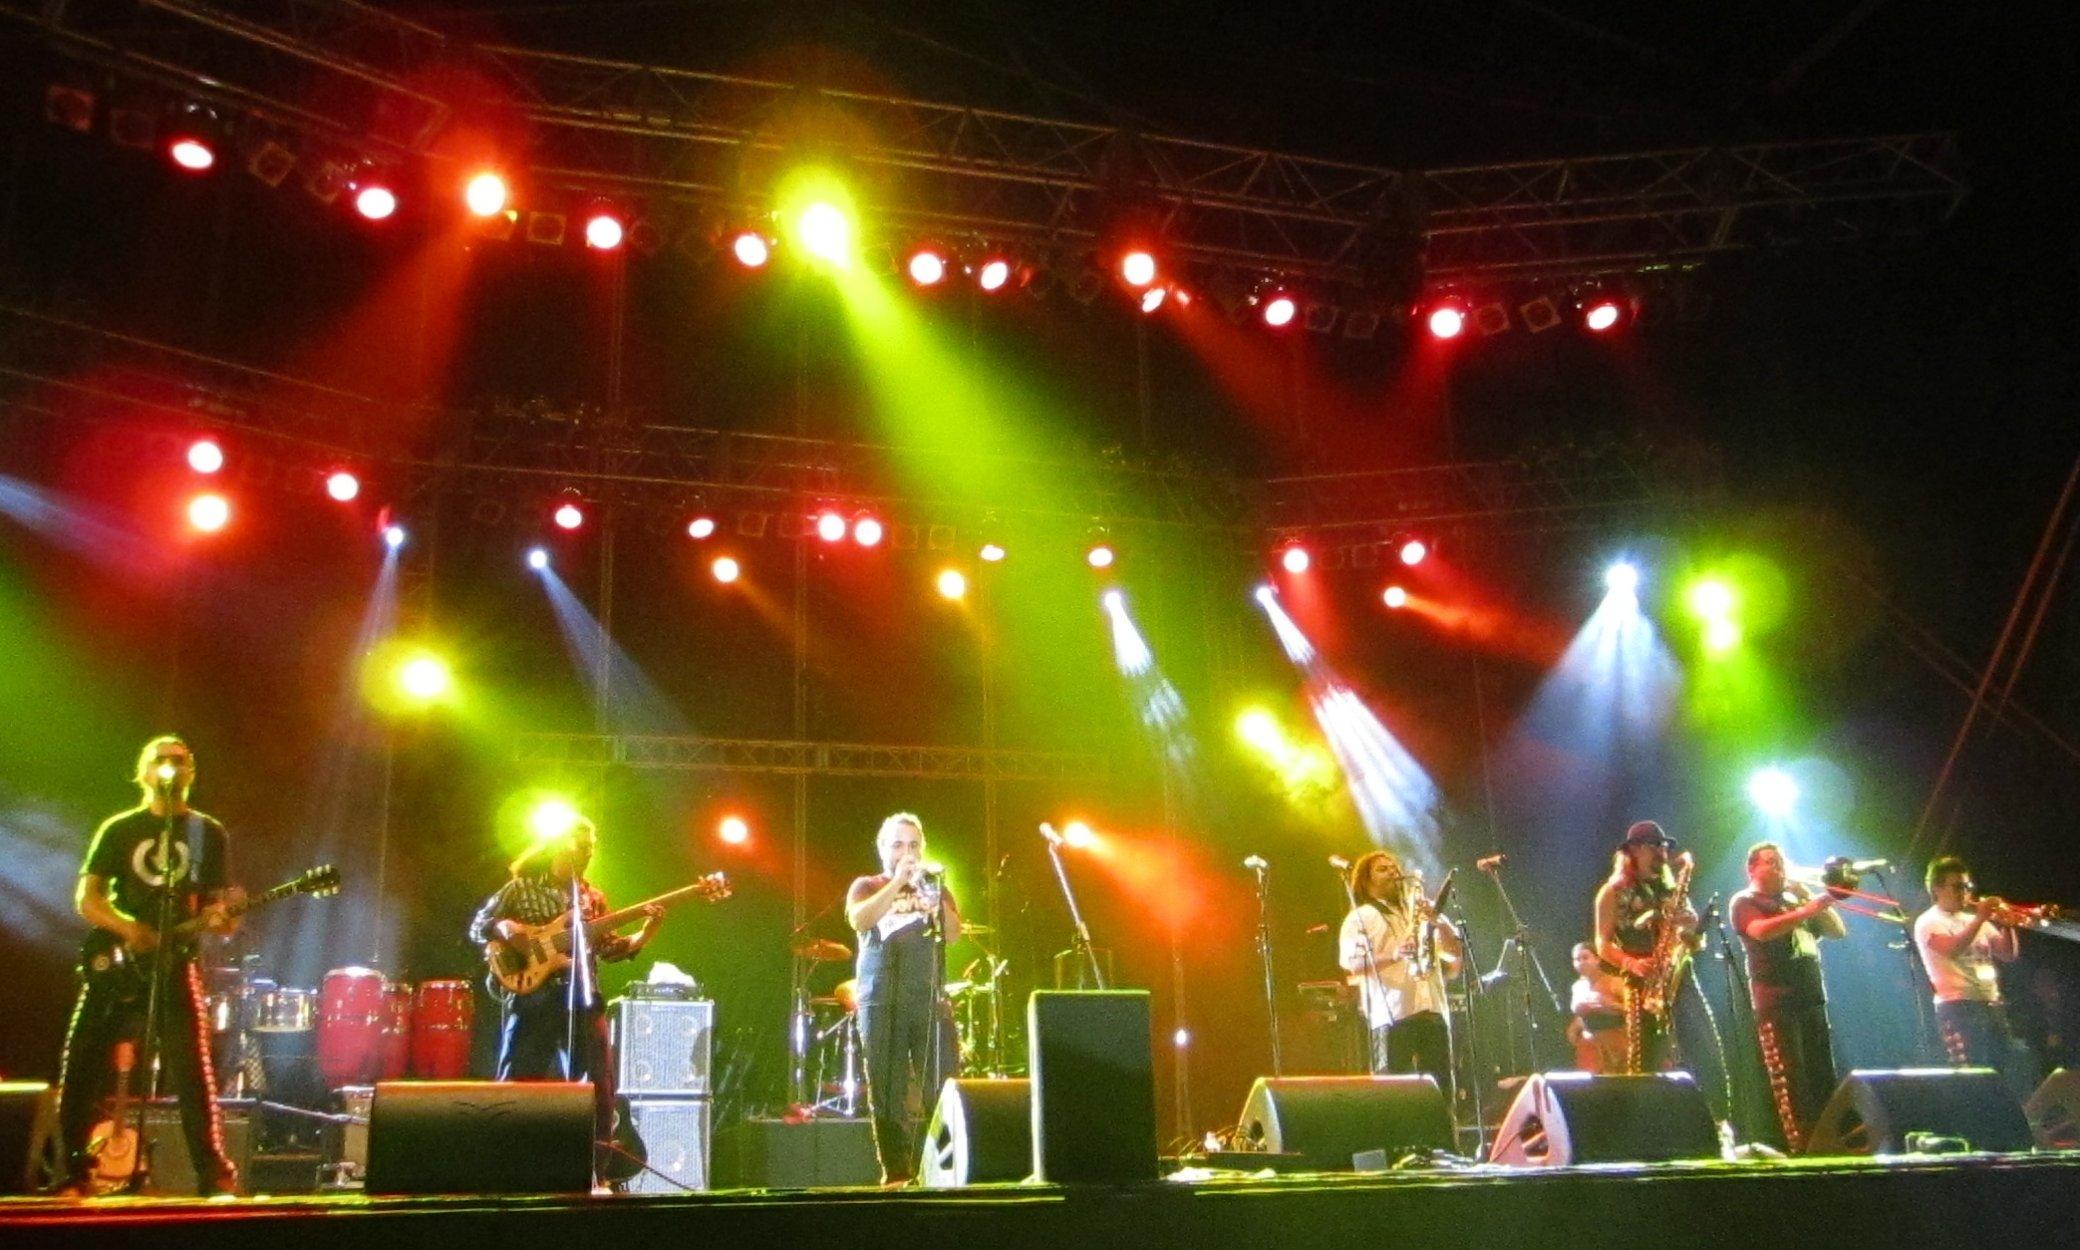 Los de Abajo durante su presentación en el Festival de Sziget en 2010.